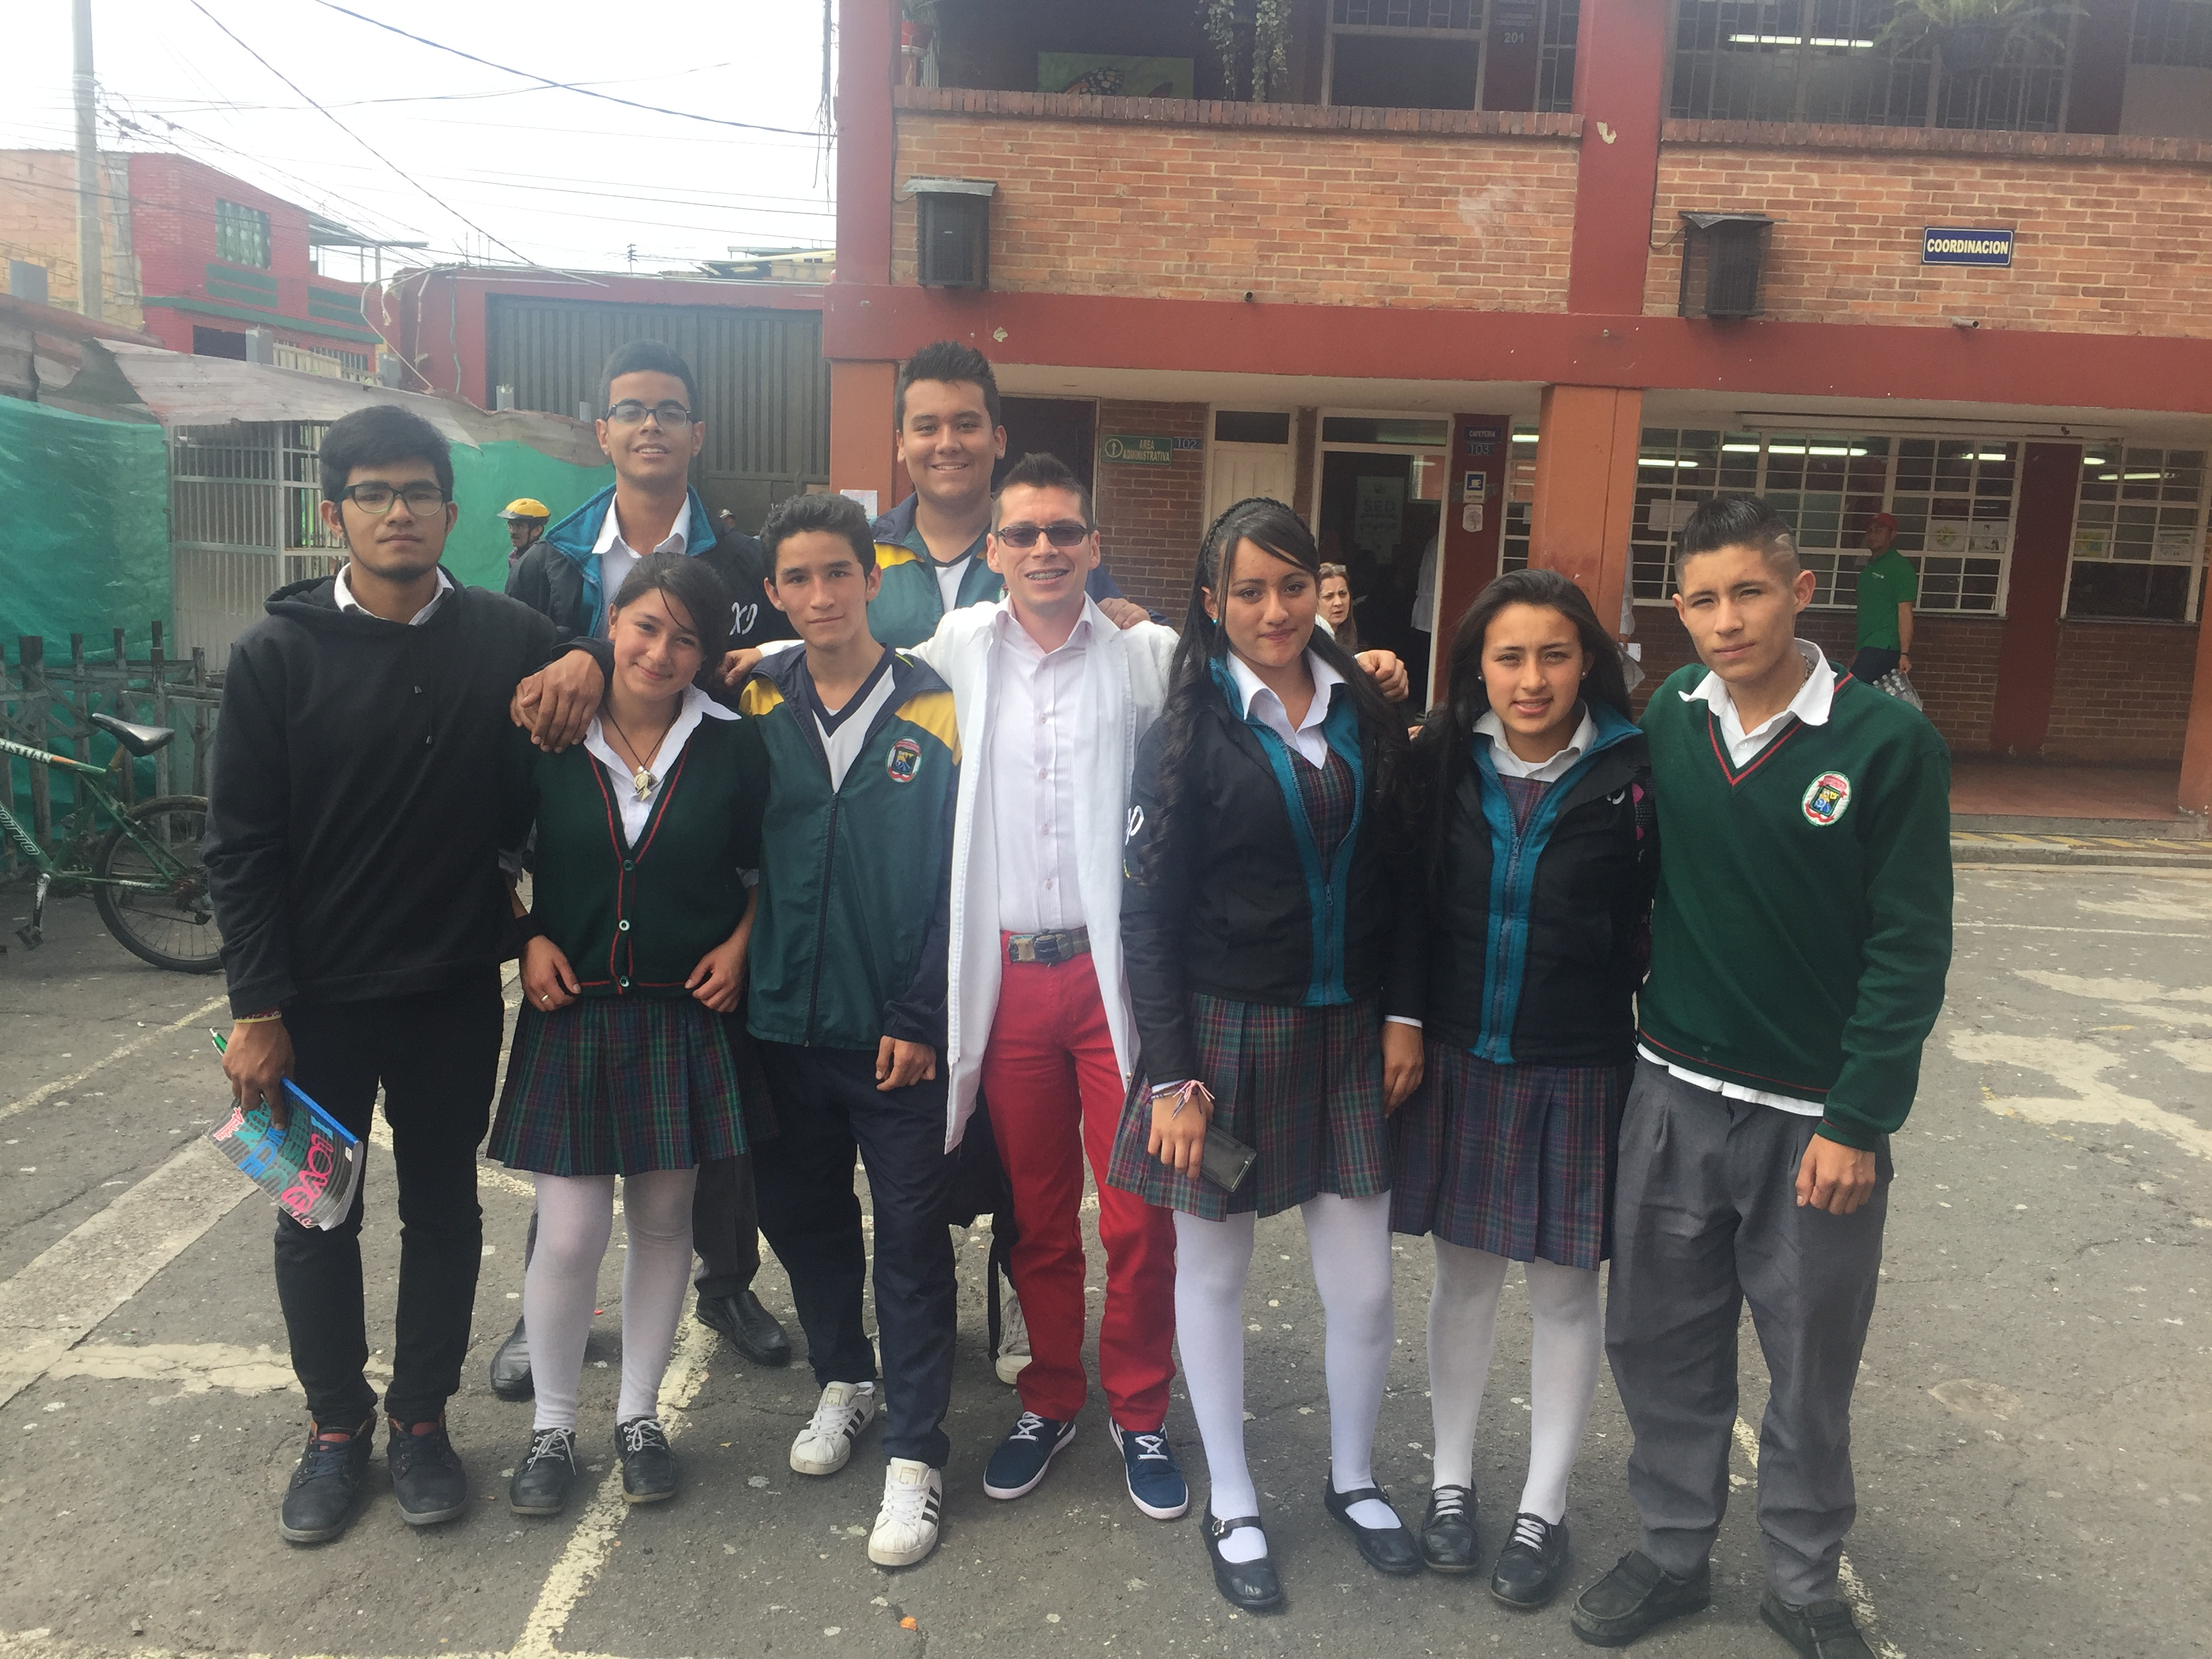 Con mis alumnos